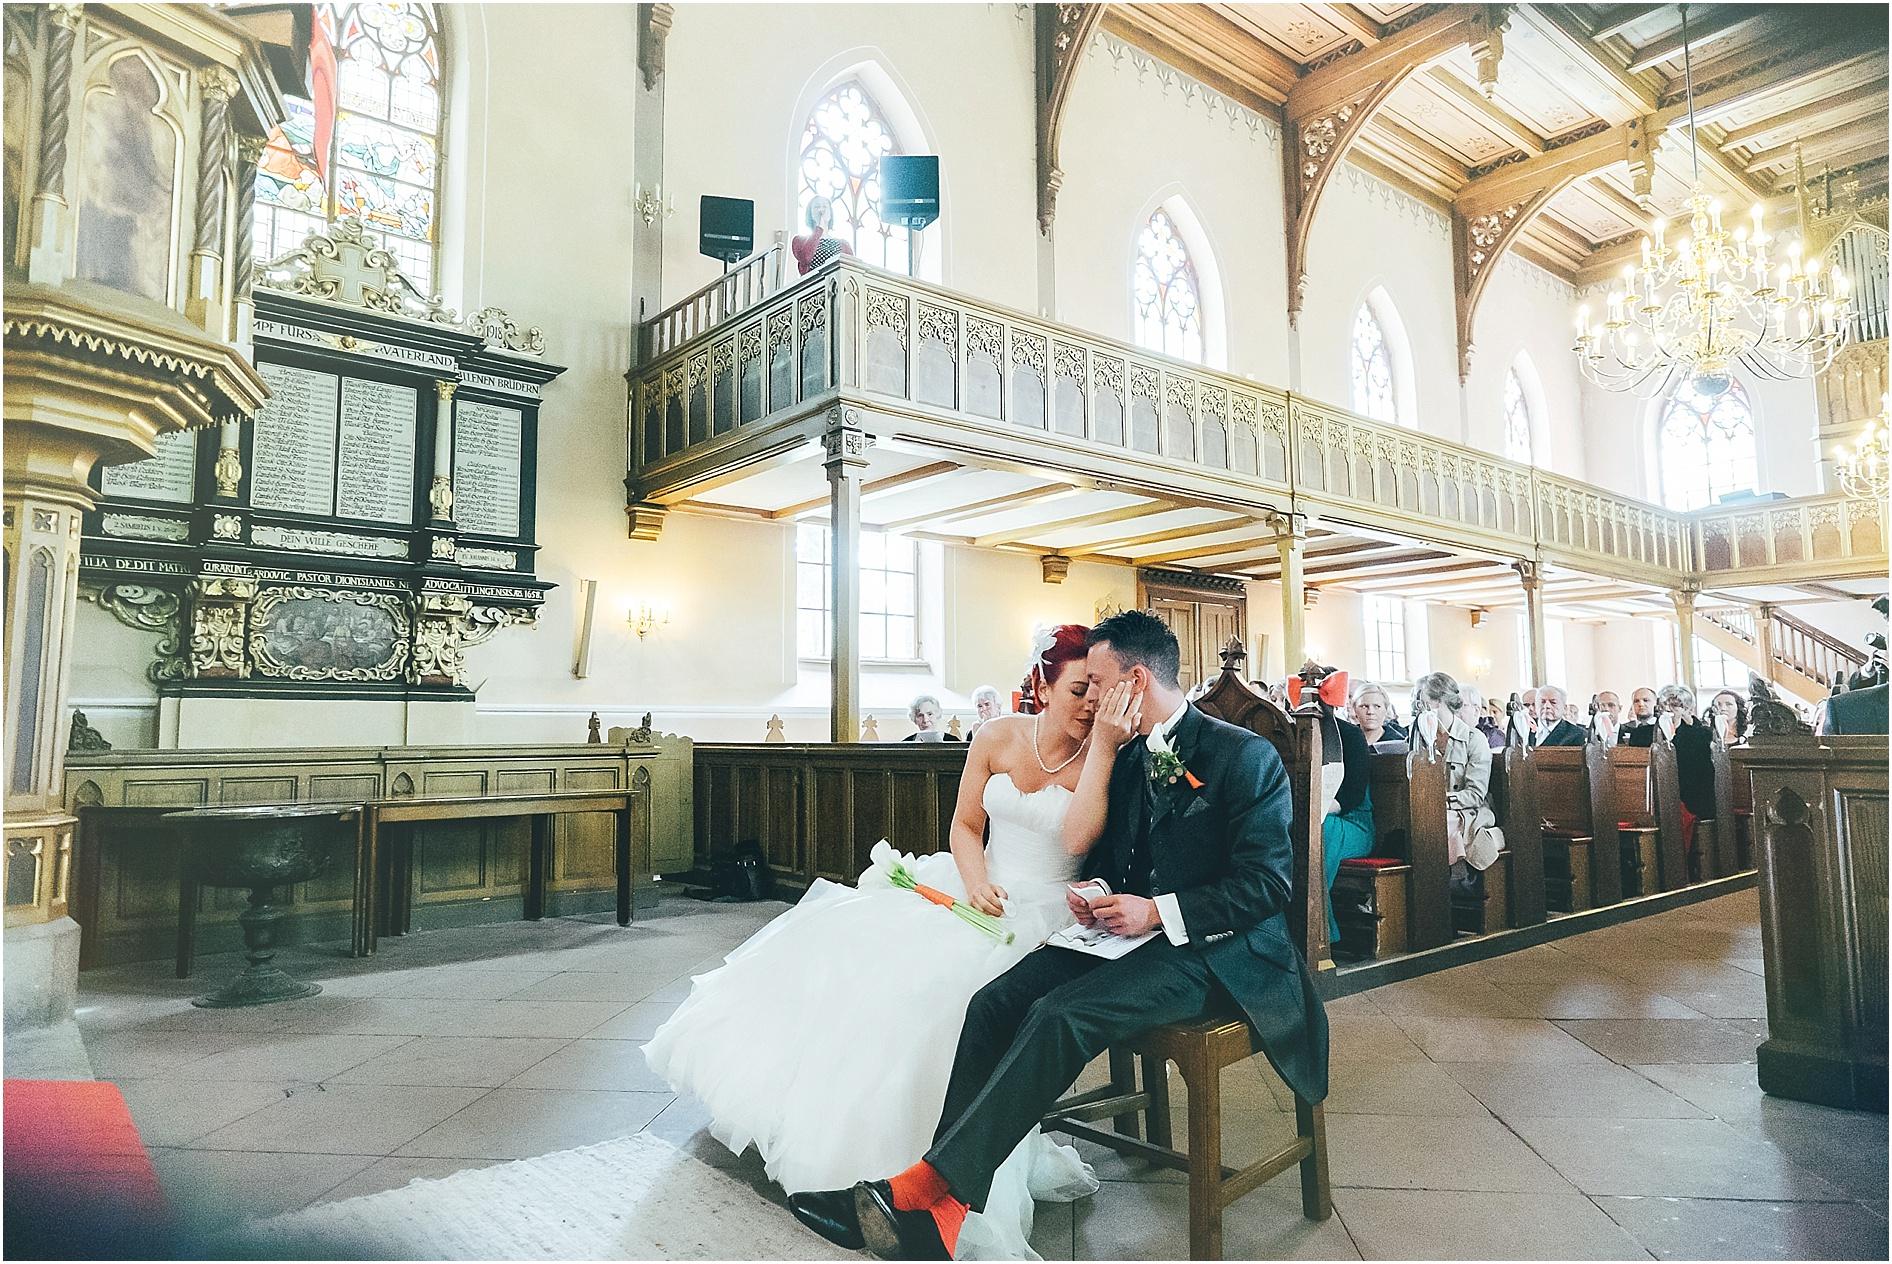 2015-10-27_0035 Tine & Chrischan - Hochzeitsfilm & Fotos in Lüneburg